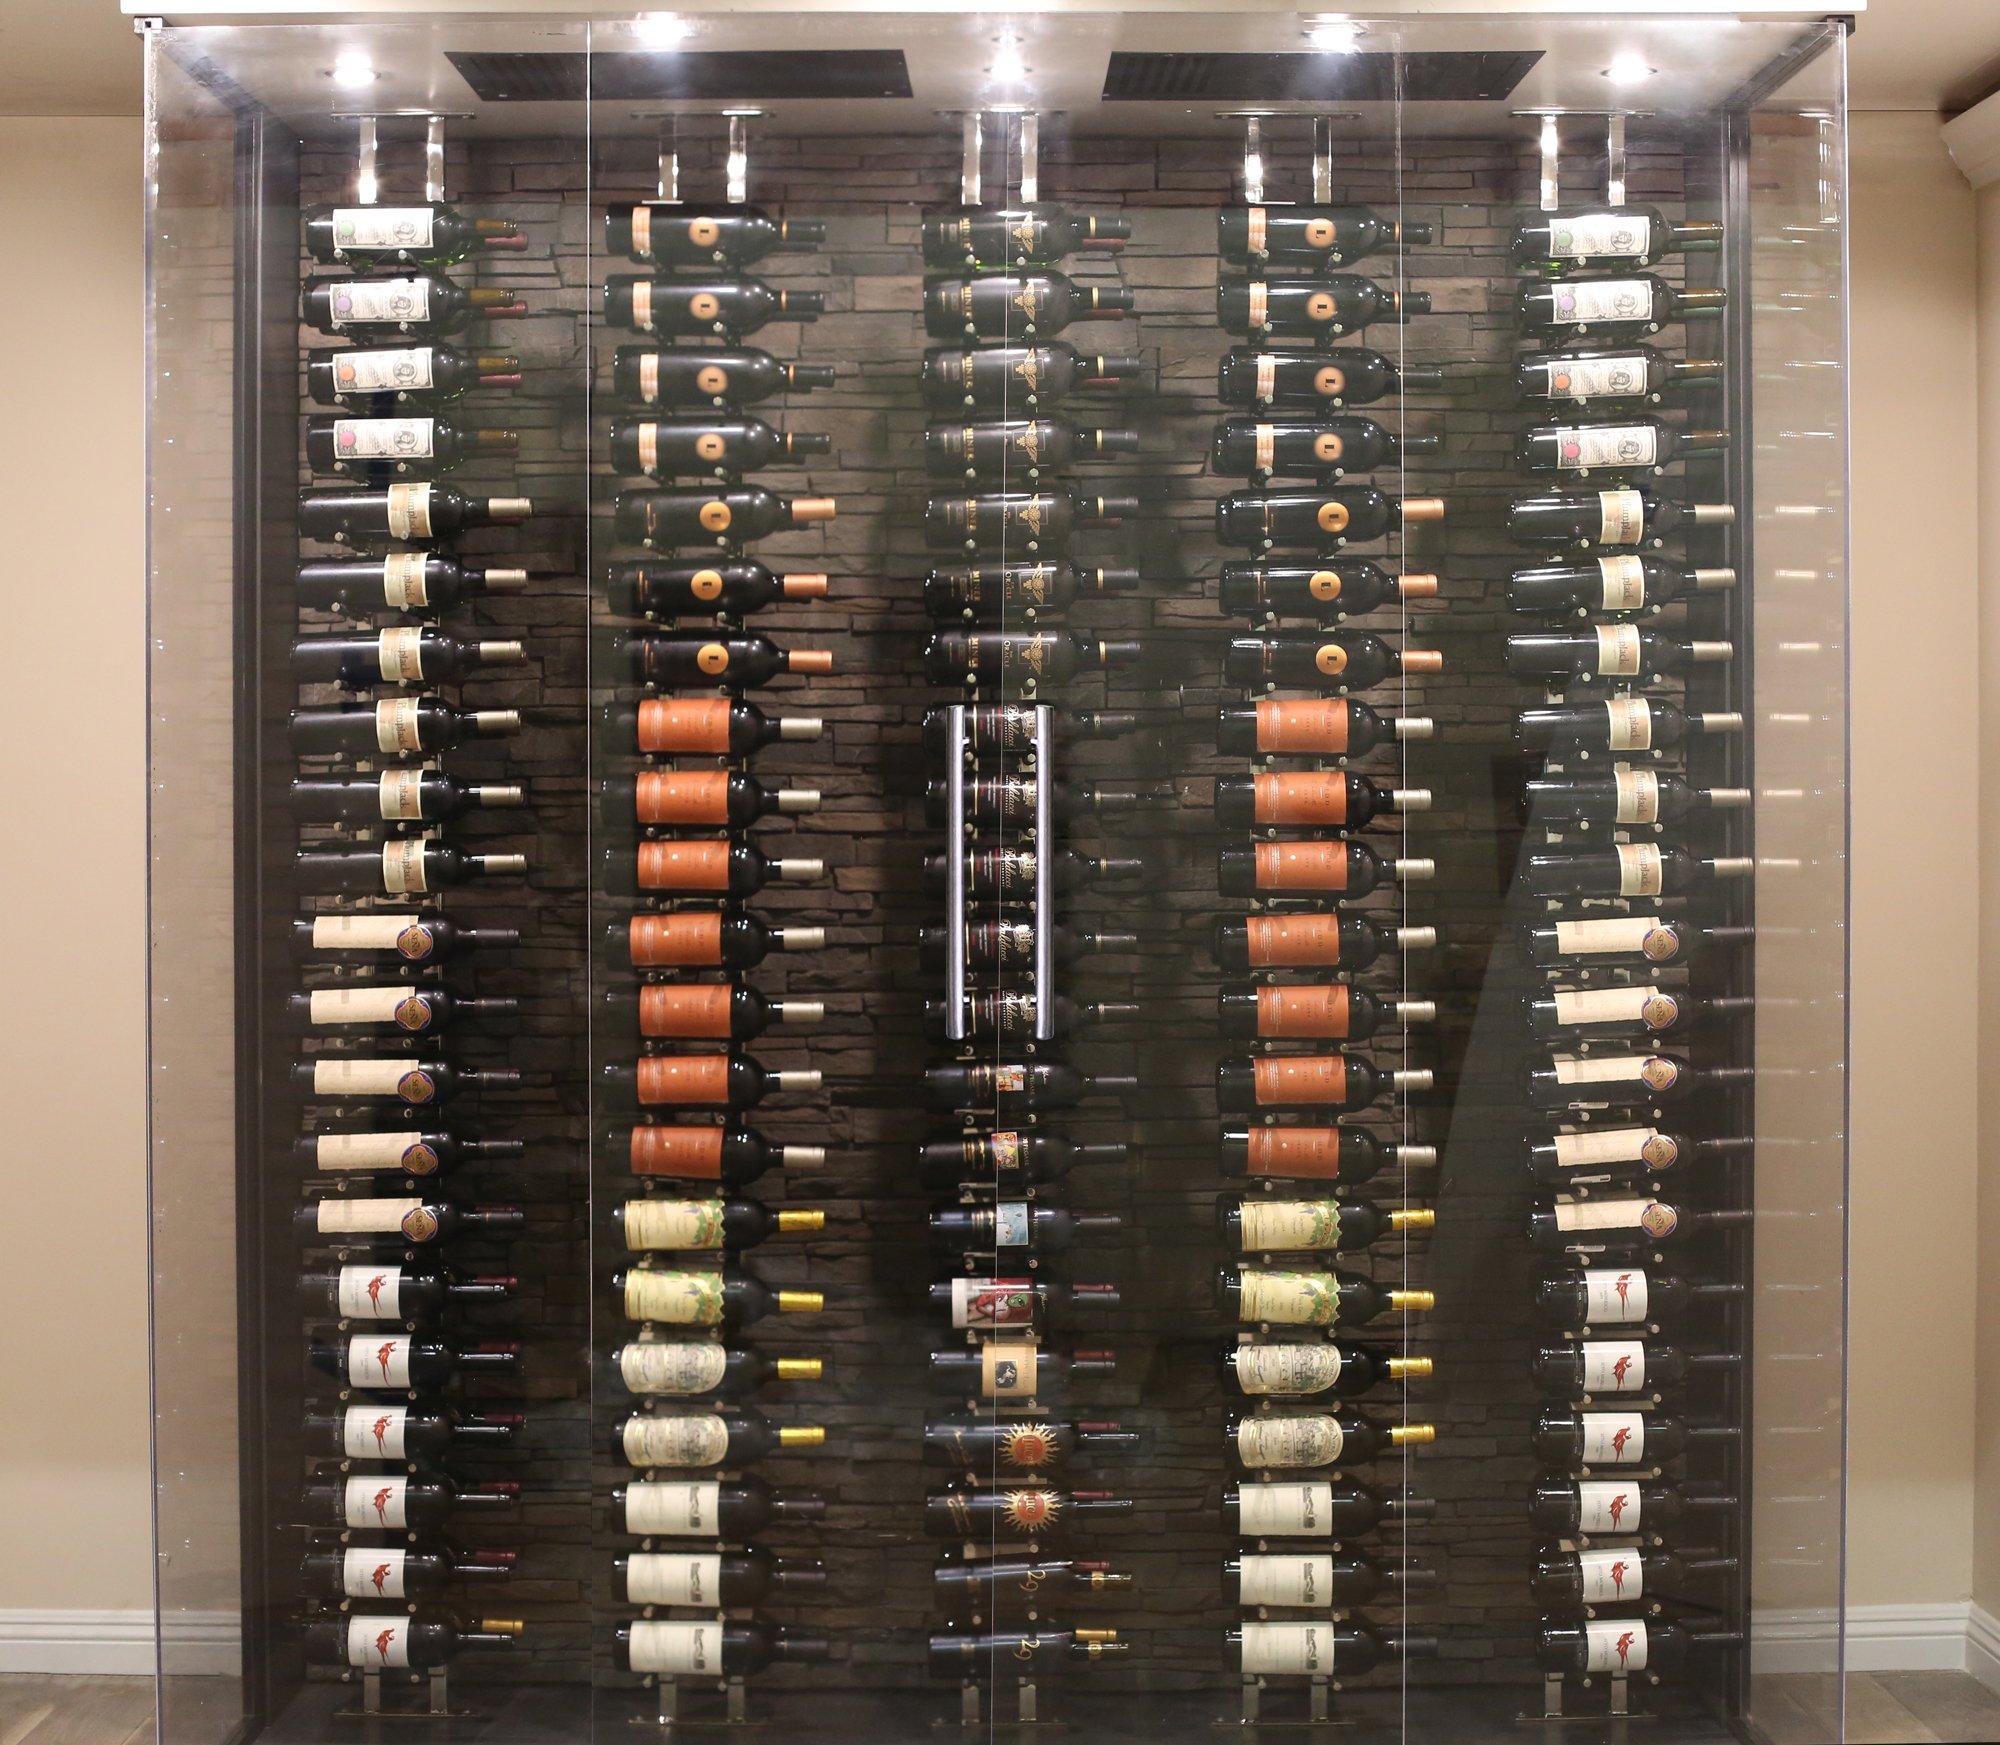 Ultra Wine Racks Floor To Ceiling Display (Chrome) by Ultra Wine Racks & Cellars